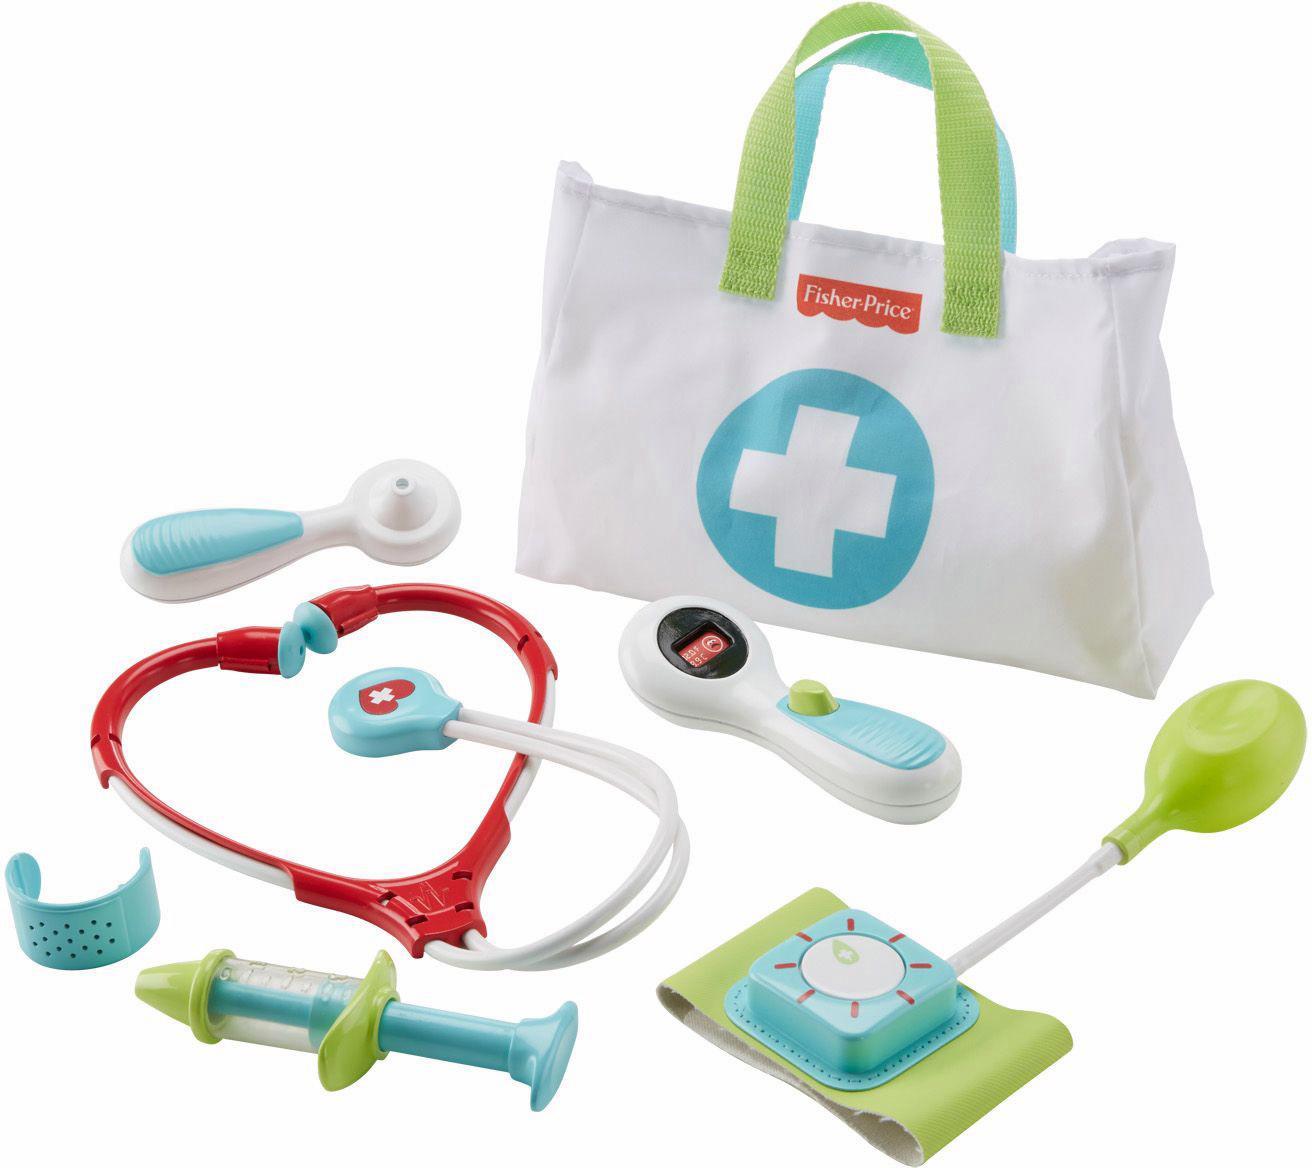 Fisher Price Arztkoffer für Kinder, »Arzttasche«   Taschen > Business Taschen > Arzttaschen   Mehrfarbig   Ab   FISHER PRICE